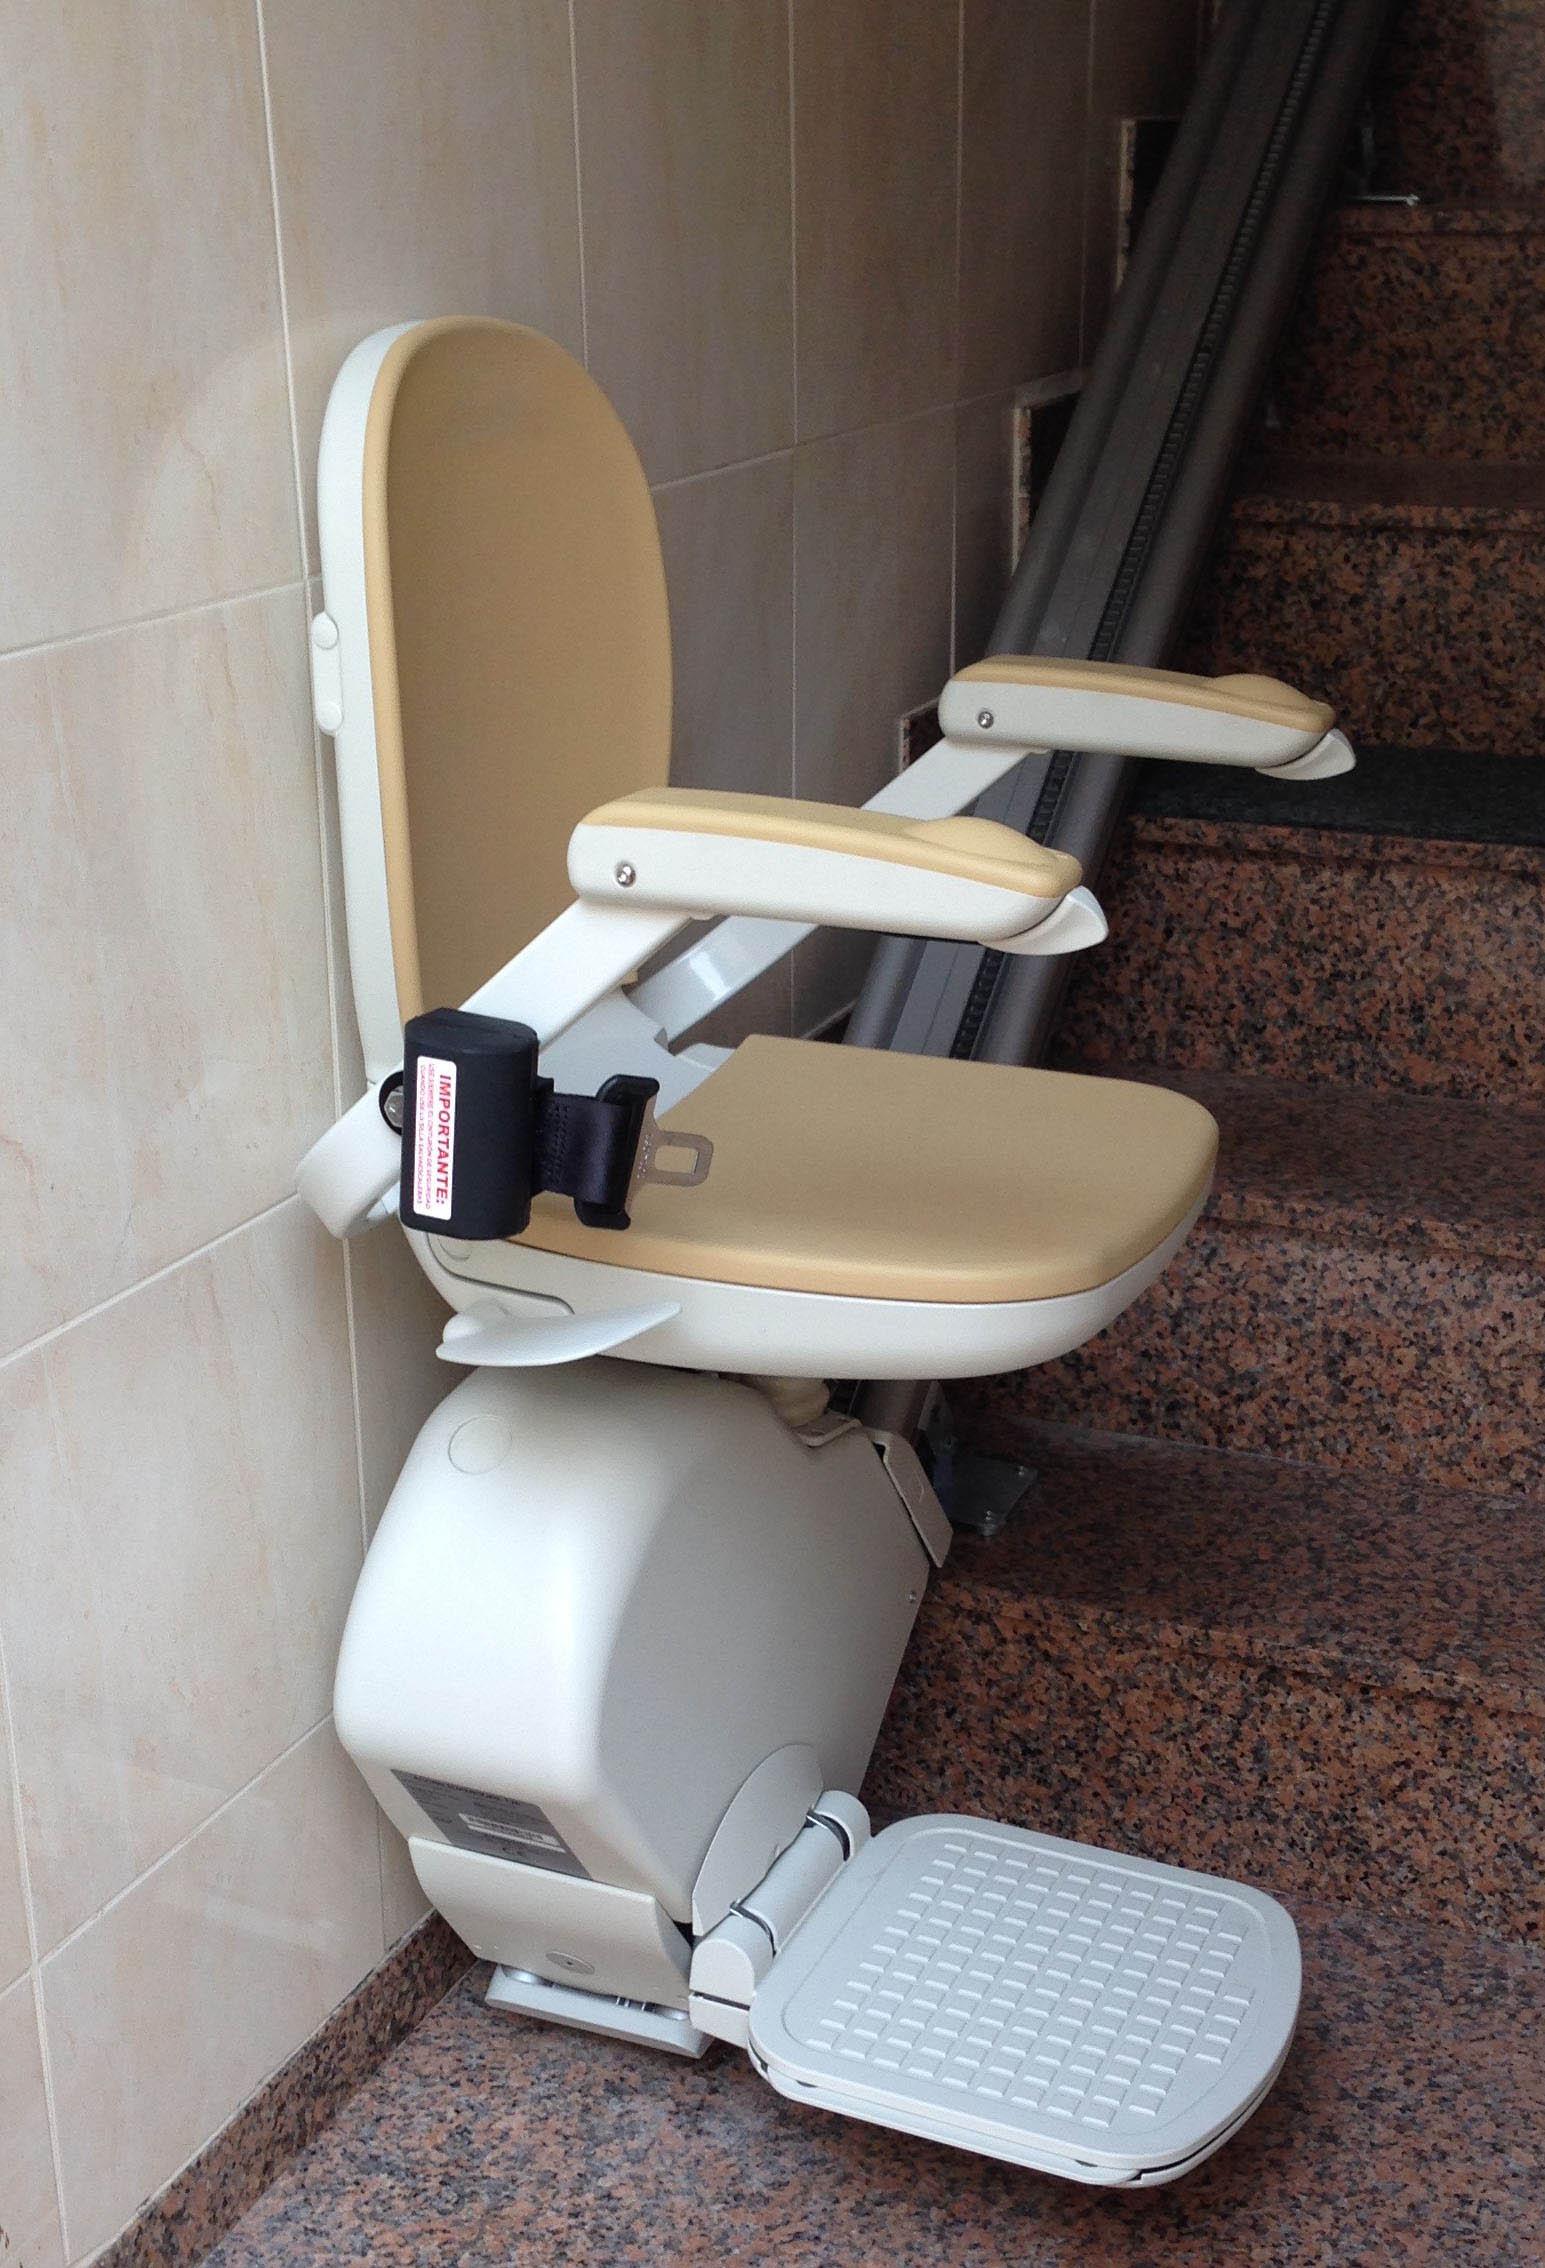 Precios de sillas salvaescaleras empresas instalaci n for Silla sube escaleras precio